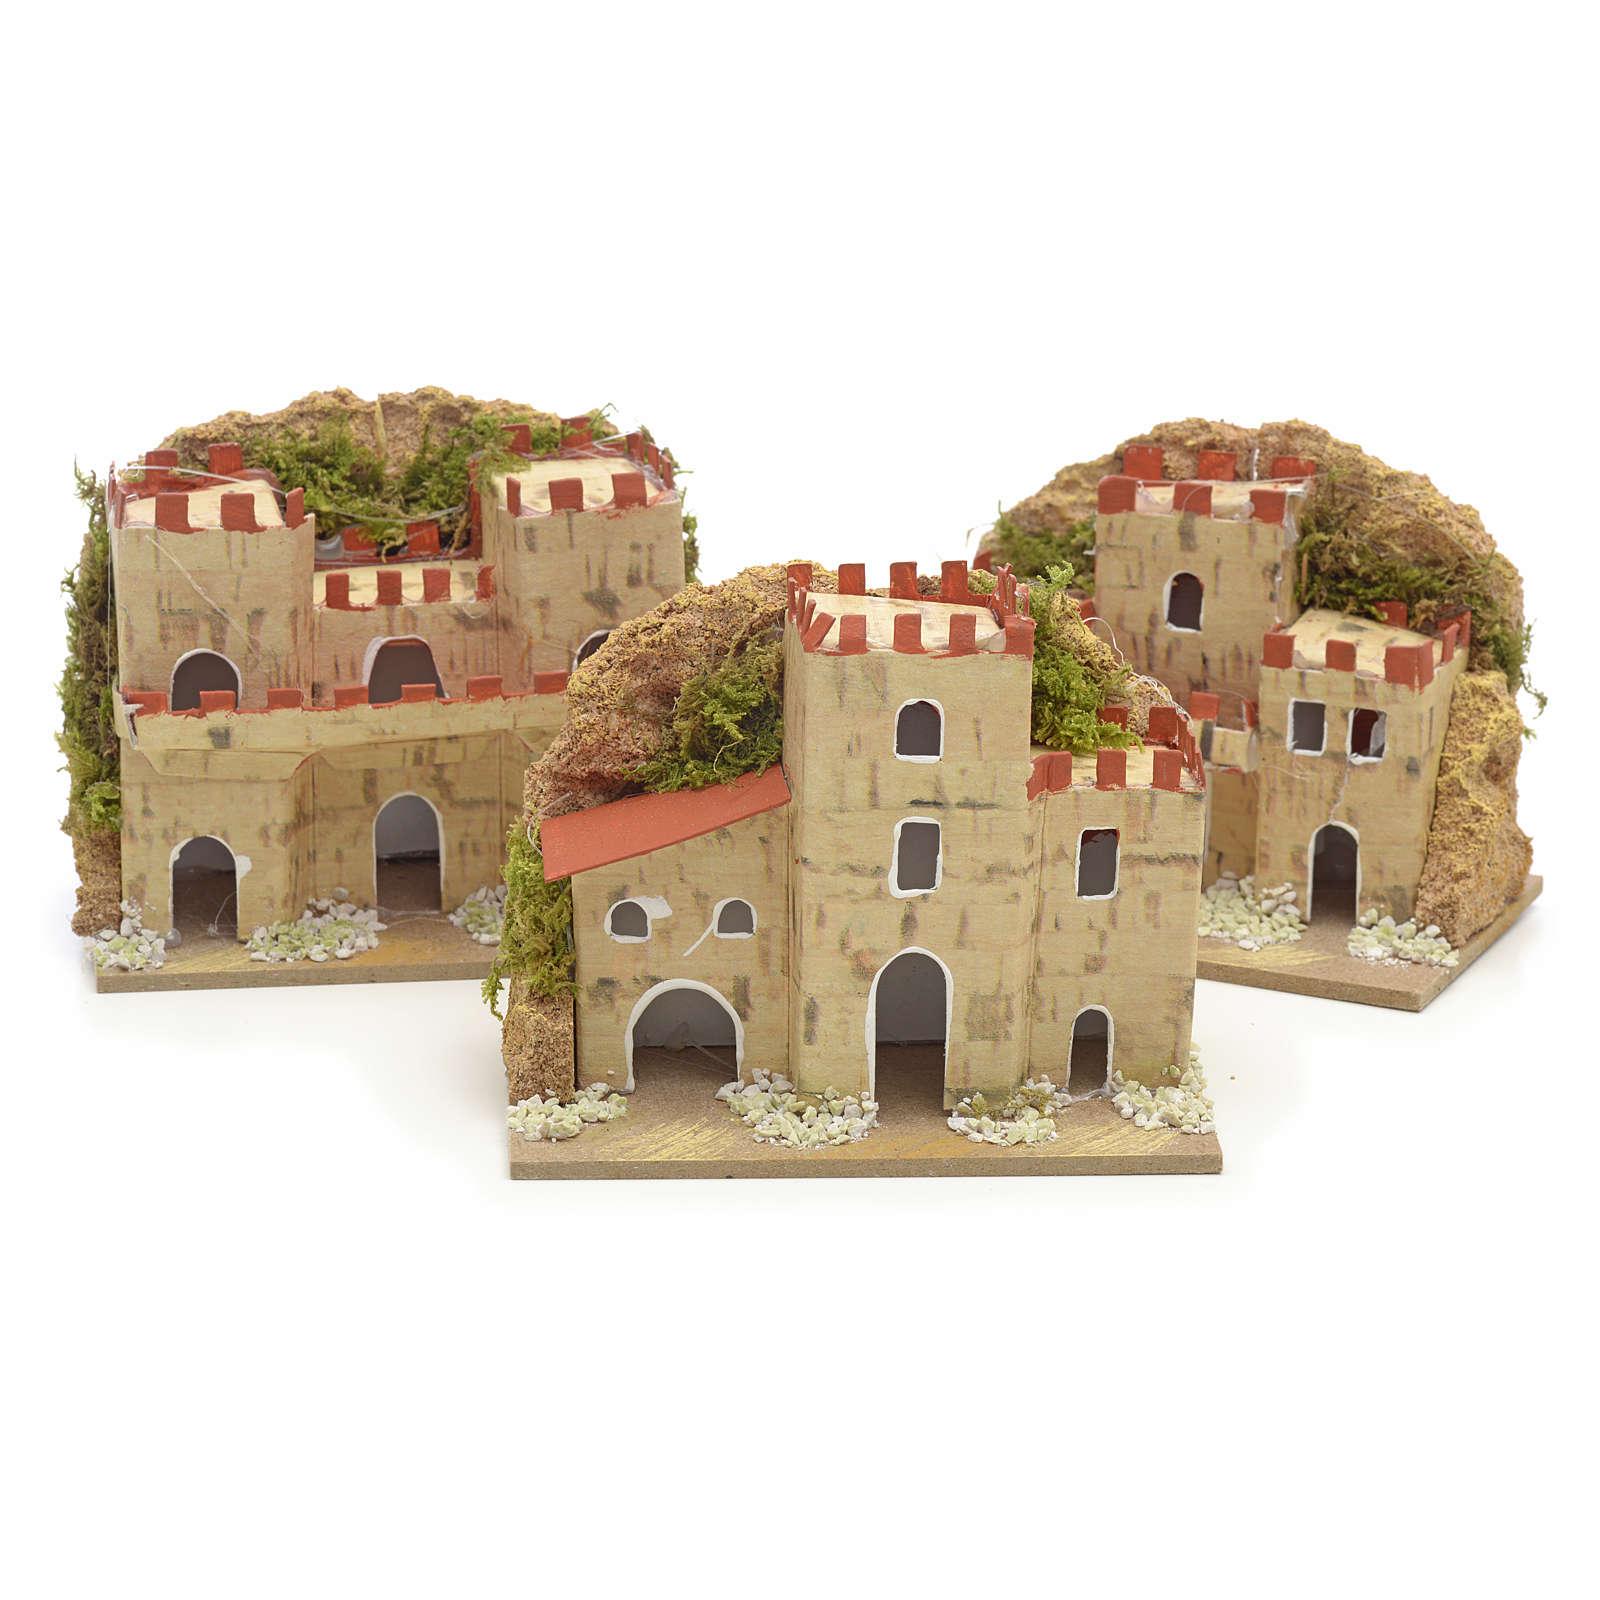 Maisons en miniature en carton pour crèche 8x10x6cm (assorties). 3 pièces 4